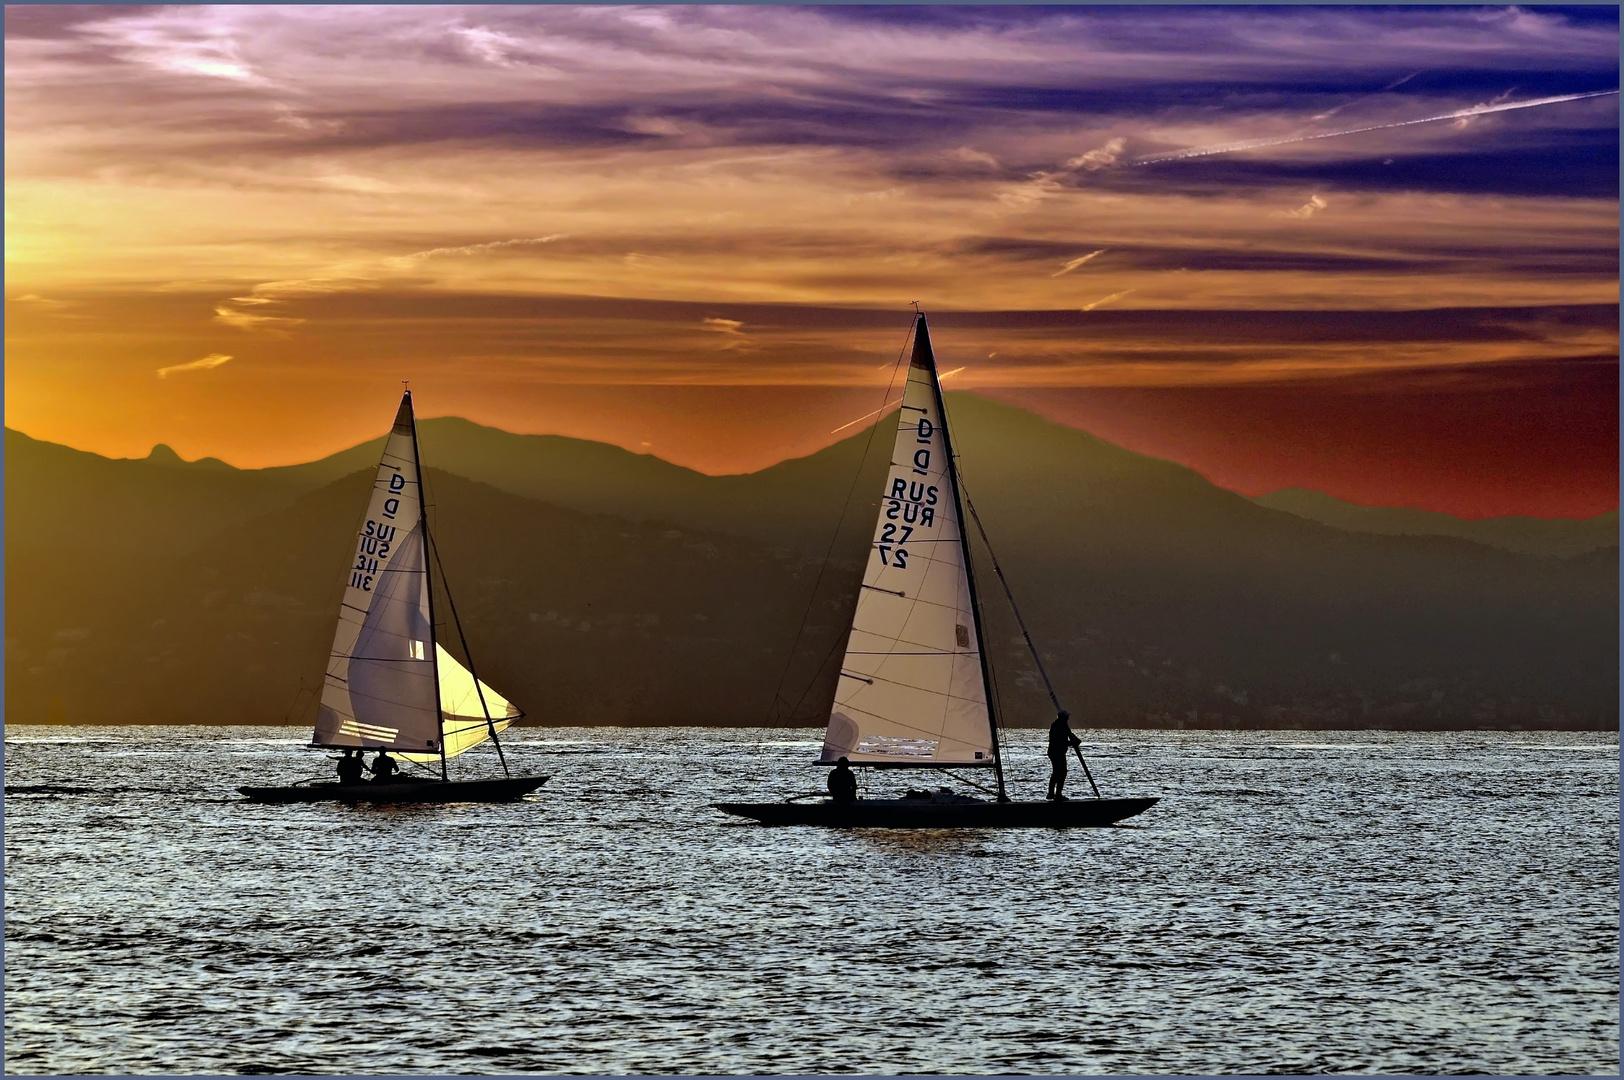 prendre un bol  d air  frais en mer....au soleil couchant !